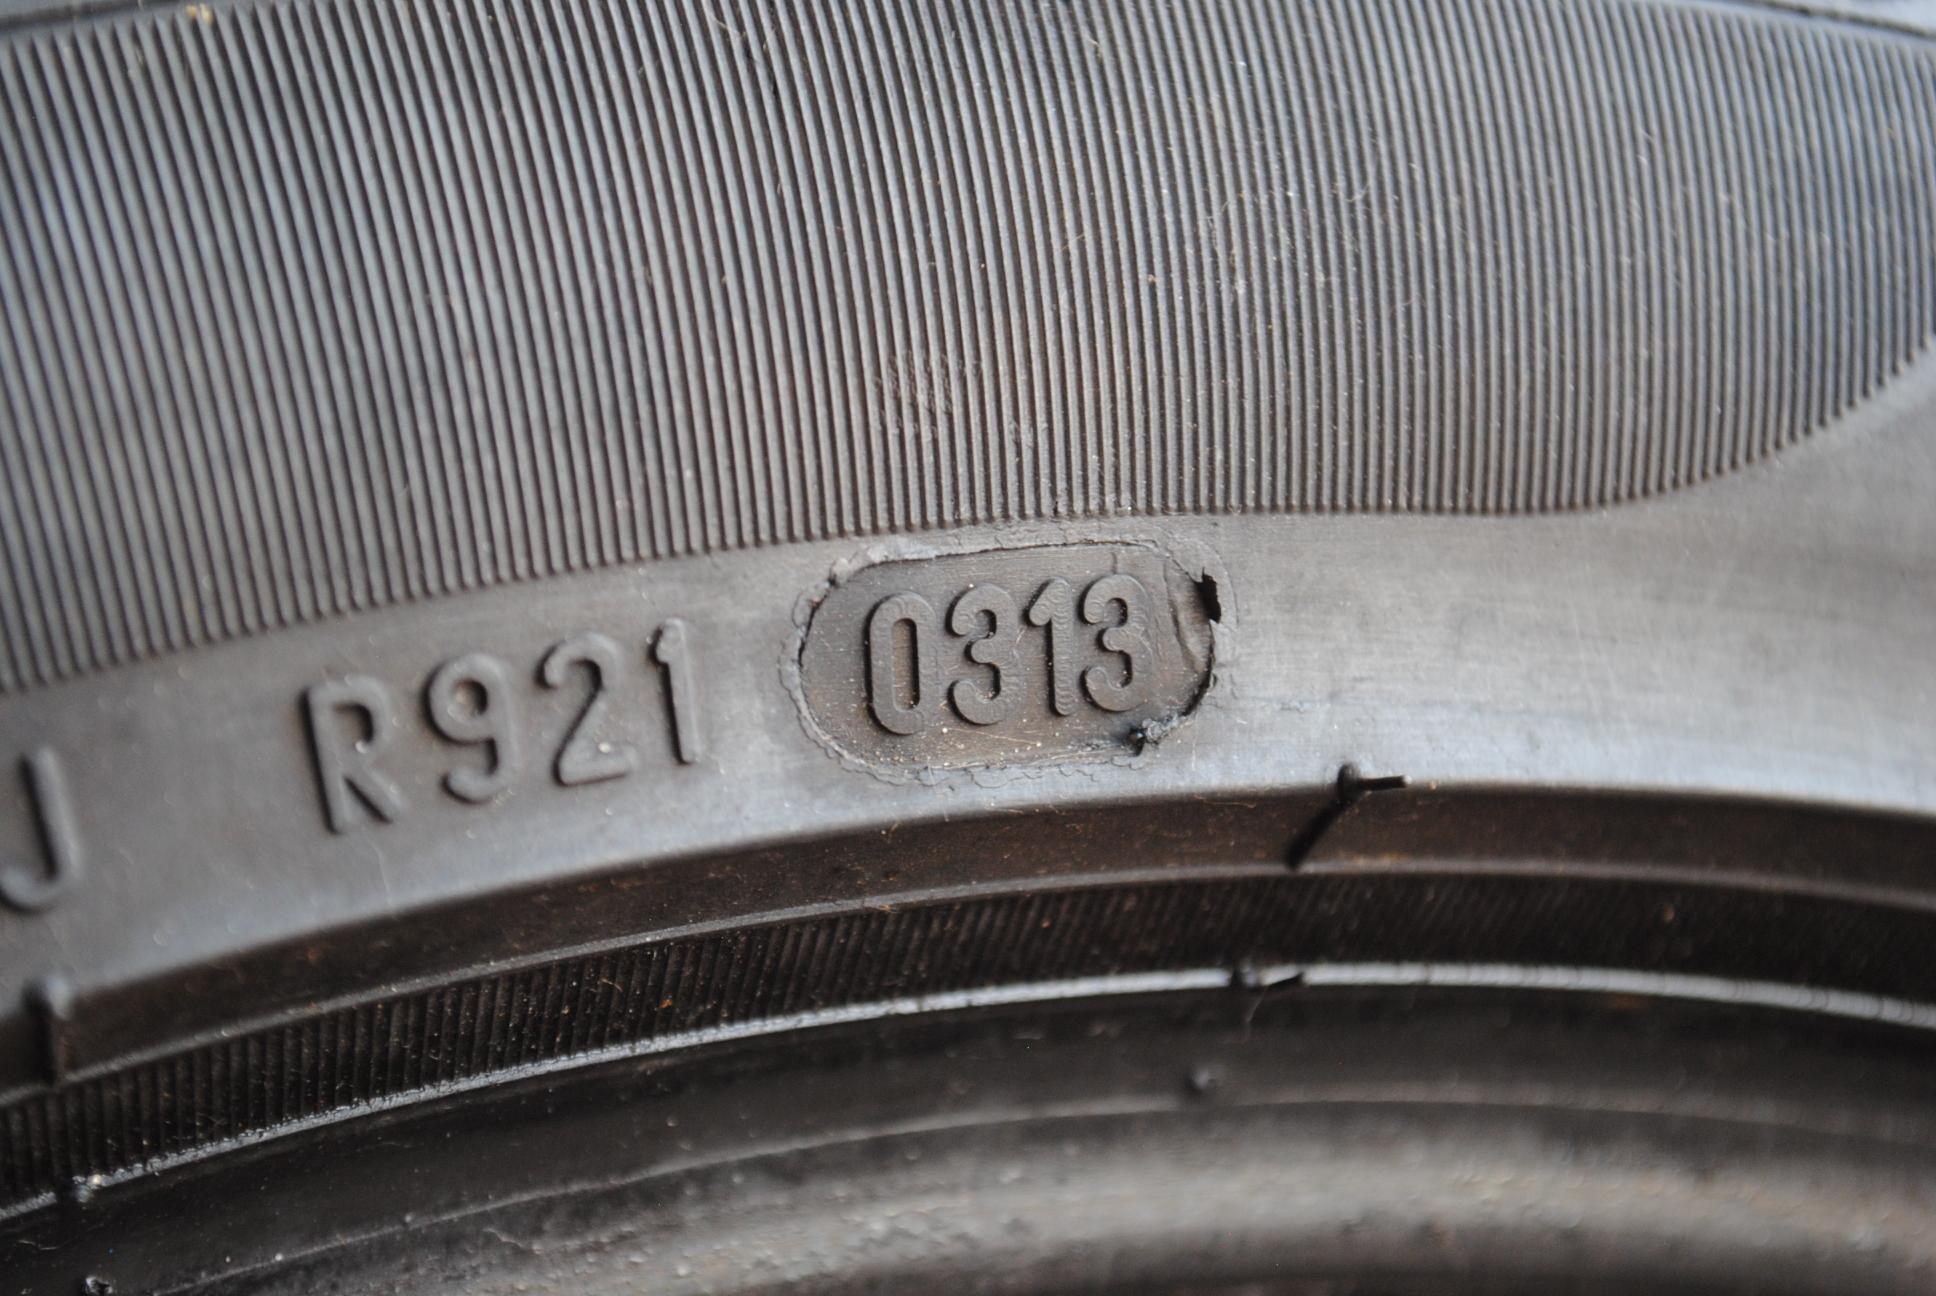 Lateral do pneu traz uma série de códigos que indicam suas medidas e especificações